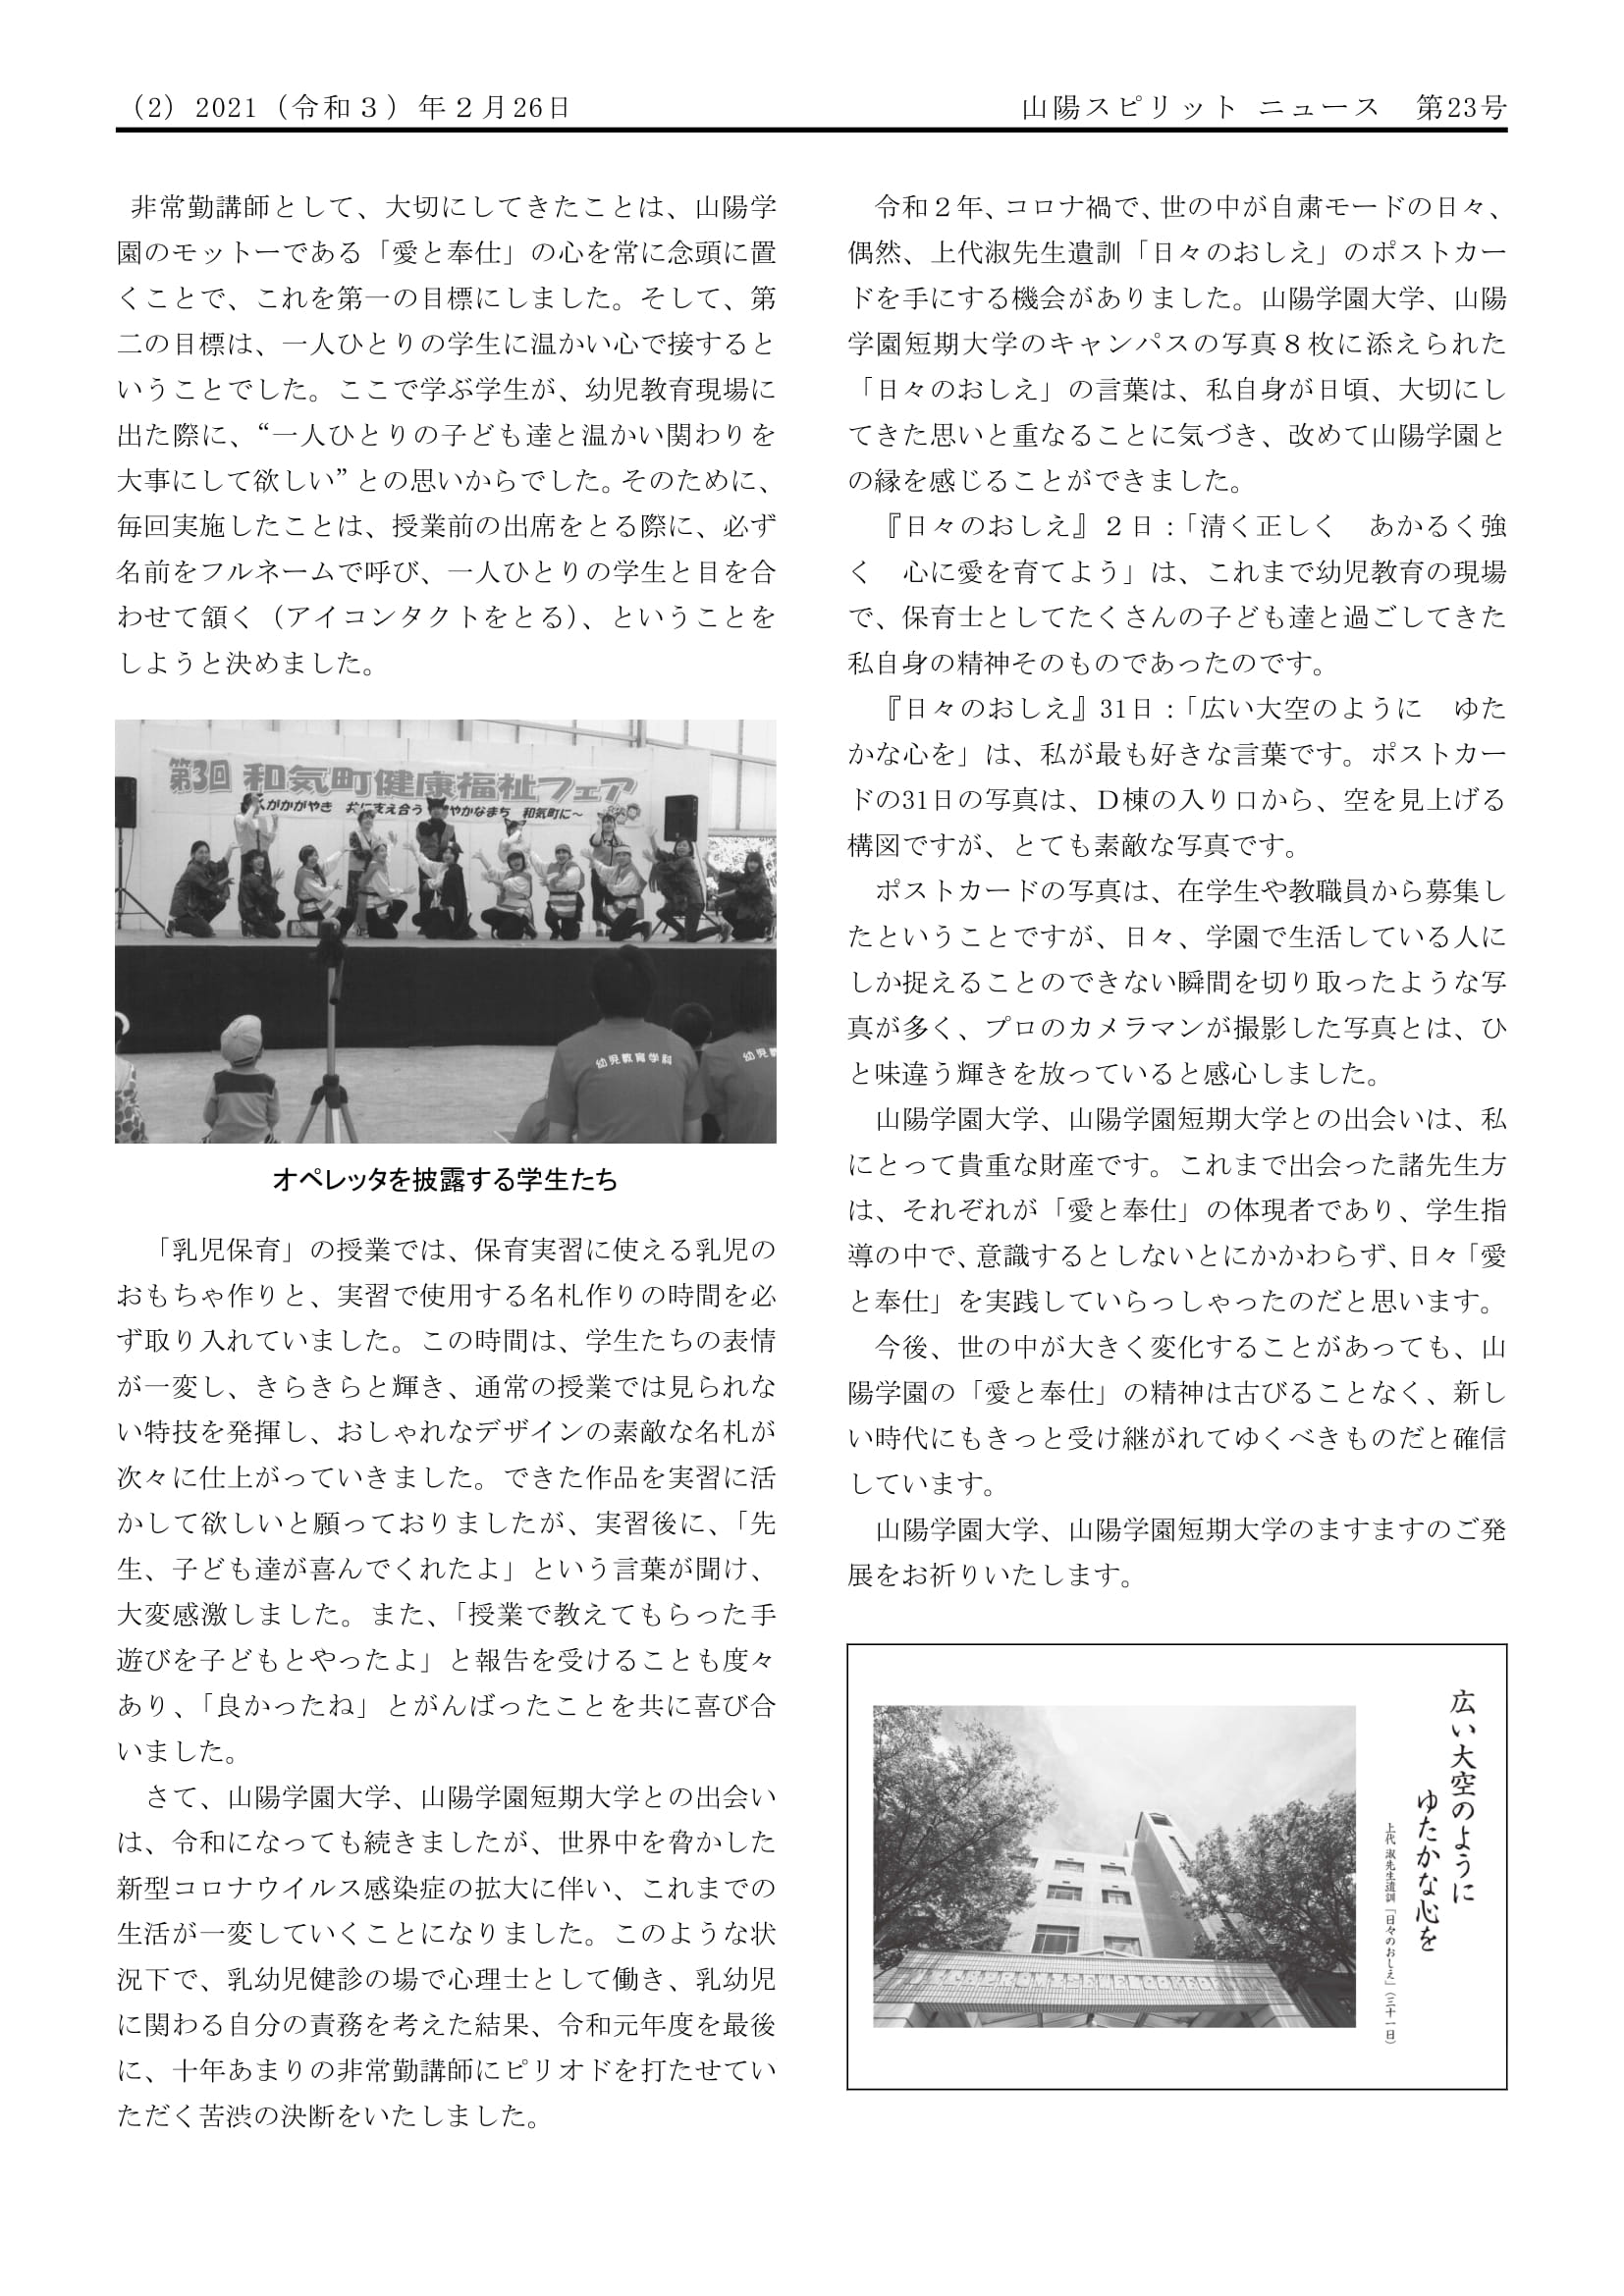 「山陽スピリットニュース」23号-2